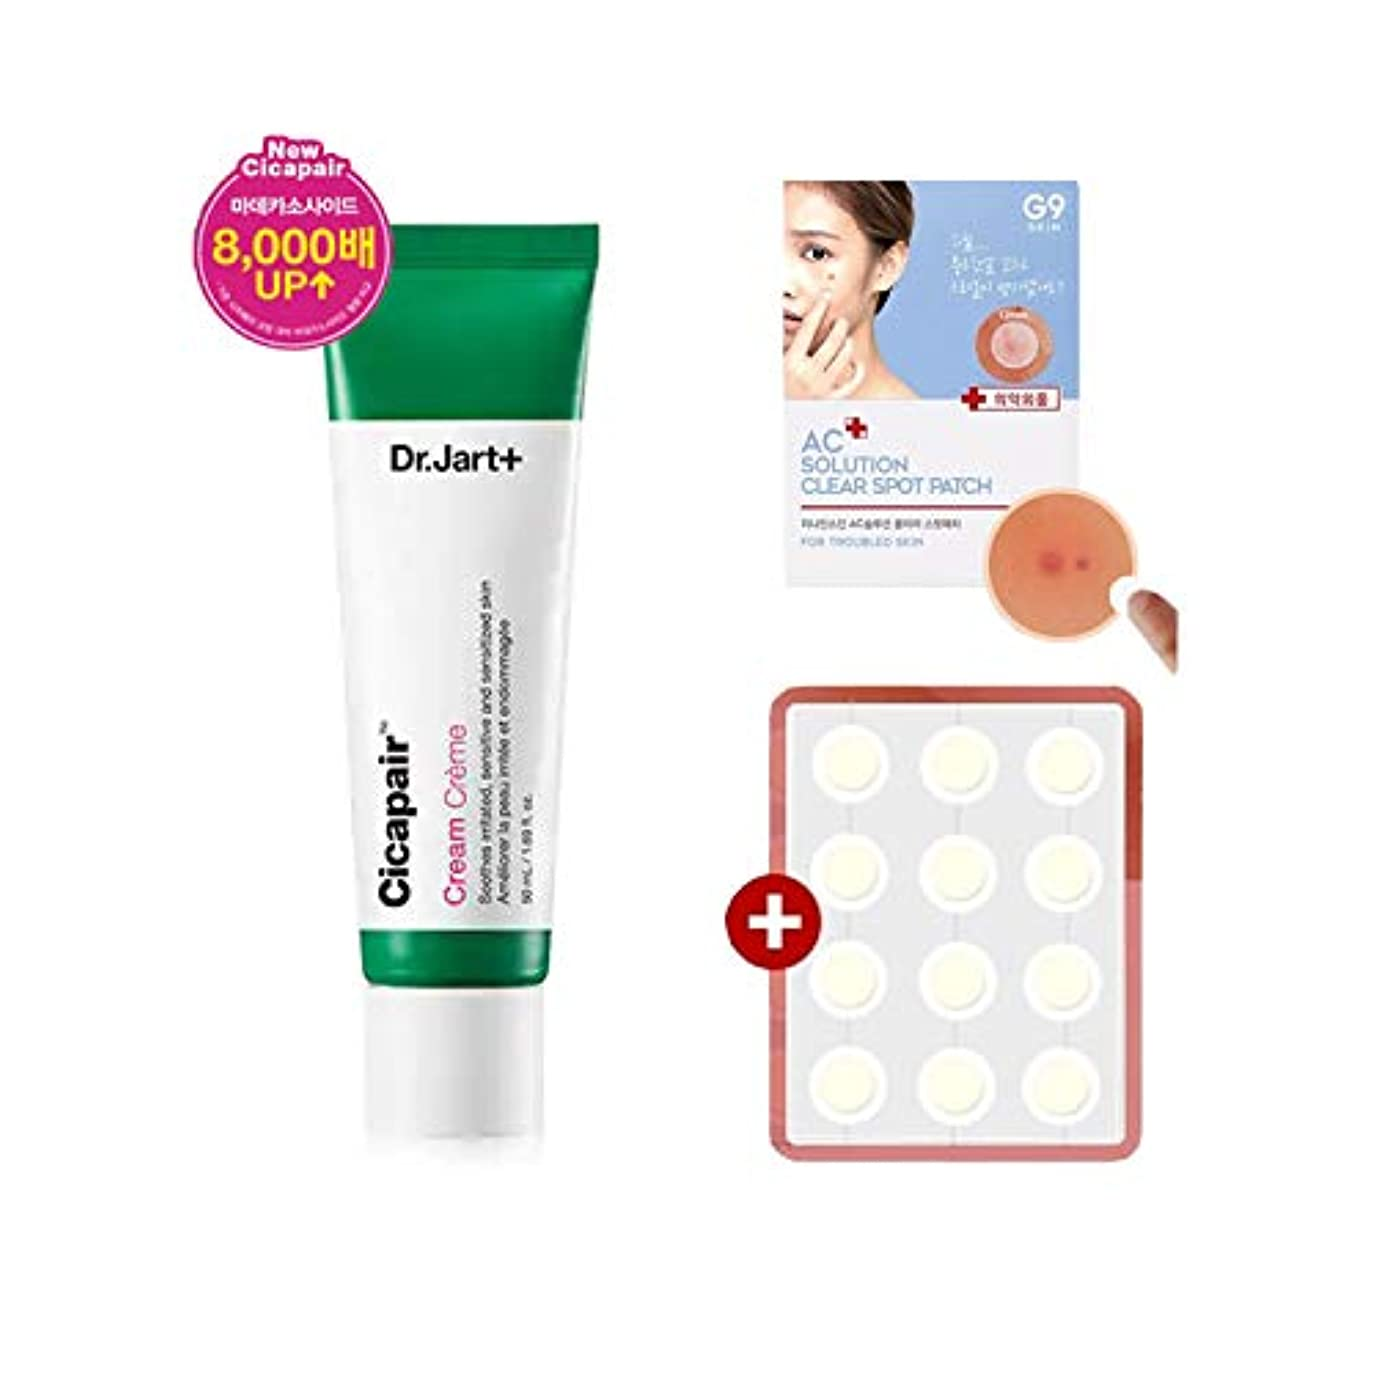 無線ドロー指[リニューアル] Dr.Jart Cicapair Cream クリーム50ml(2代目)+ G9SKIN ACソリューションクリアパッチ 12枚 [並行輸入品]